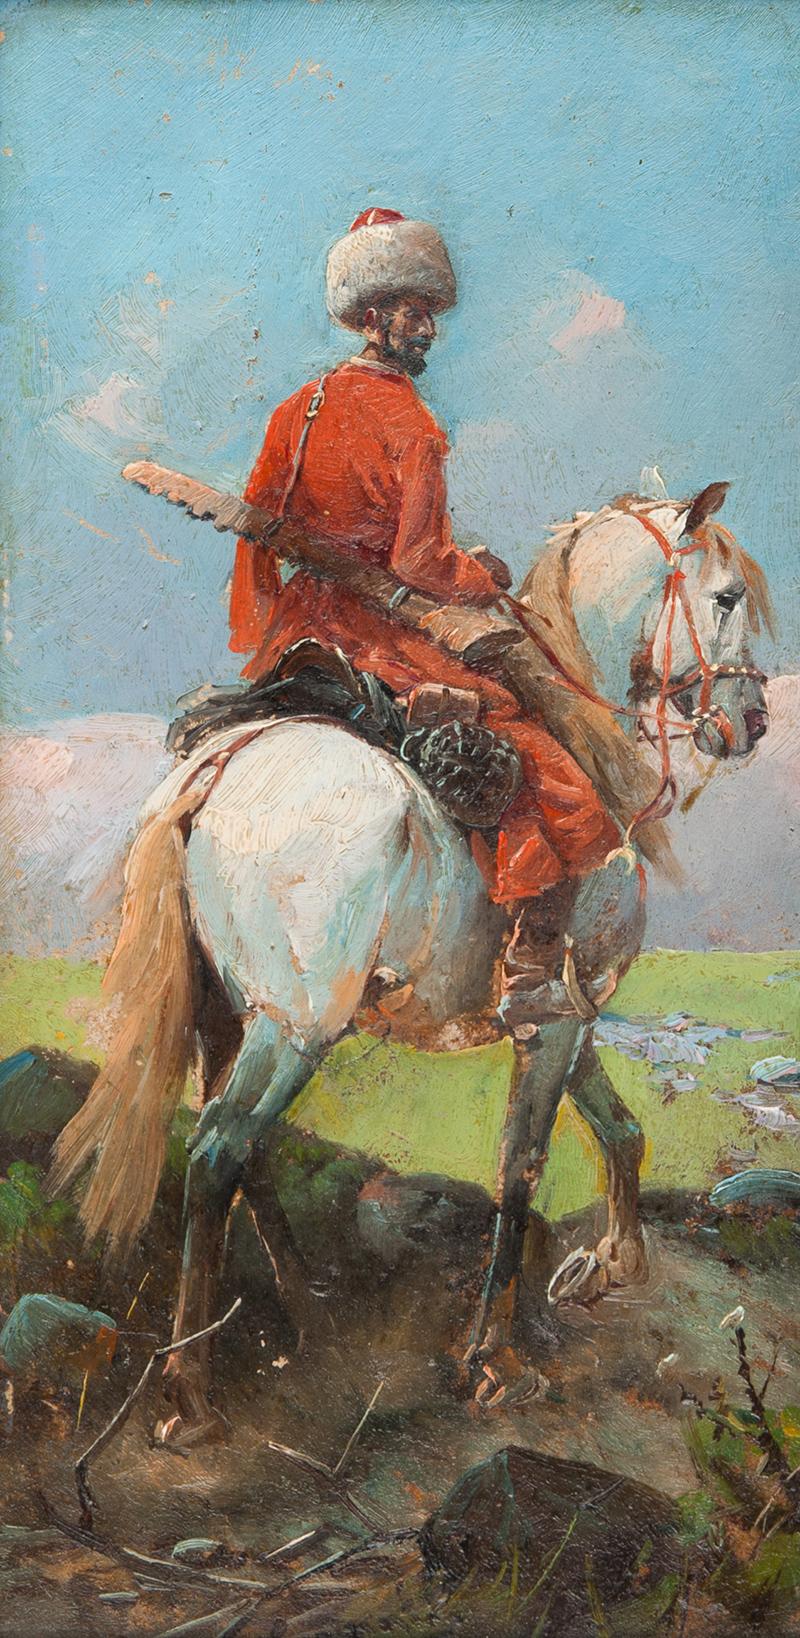 MN - w typie Franza Roubaud | Kozak na koniu